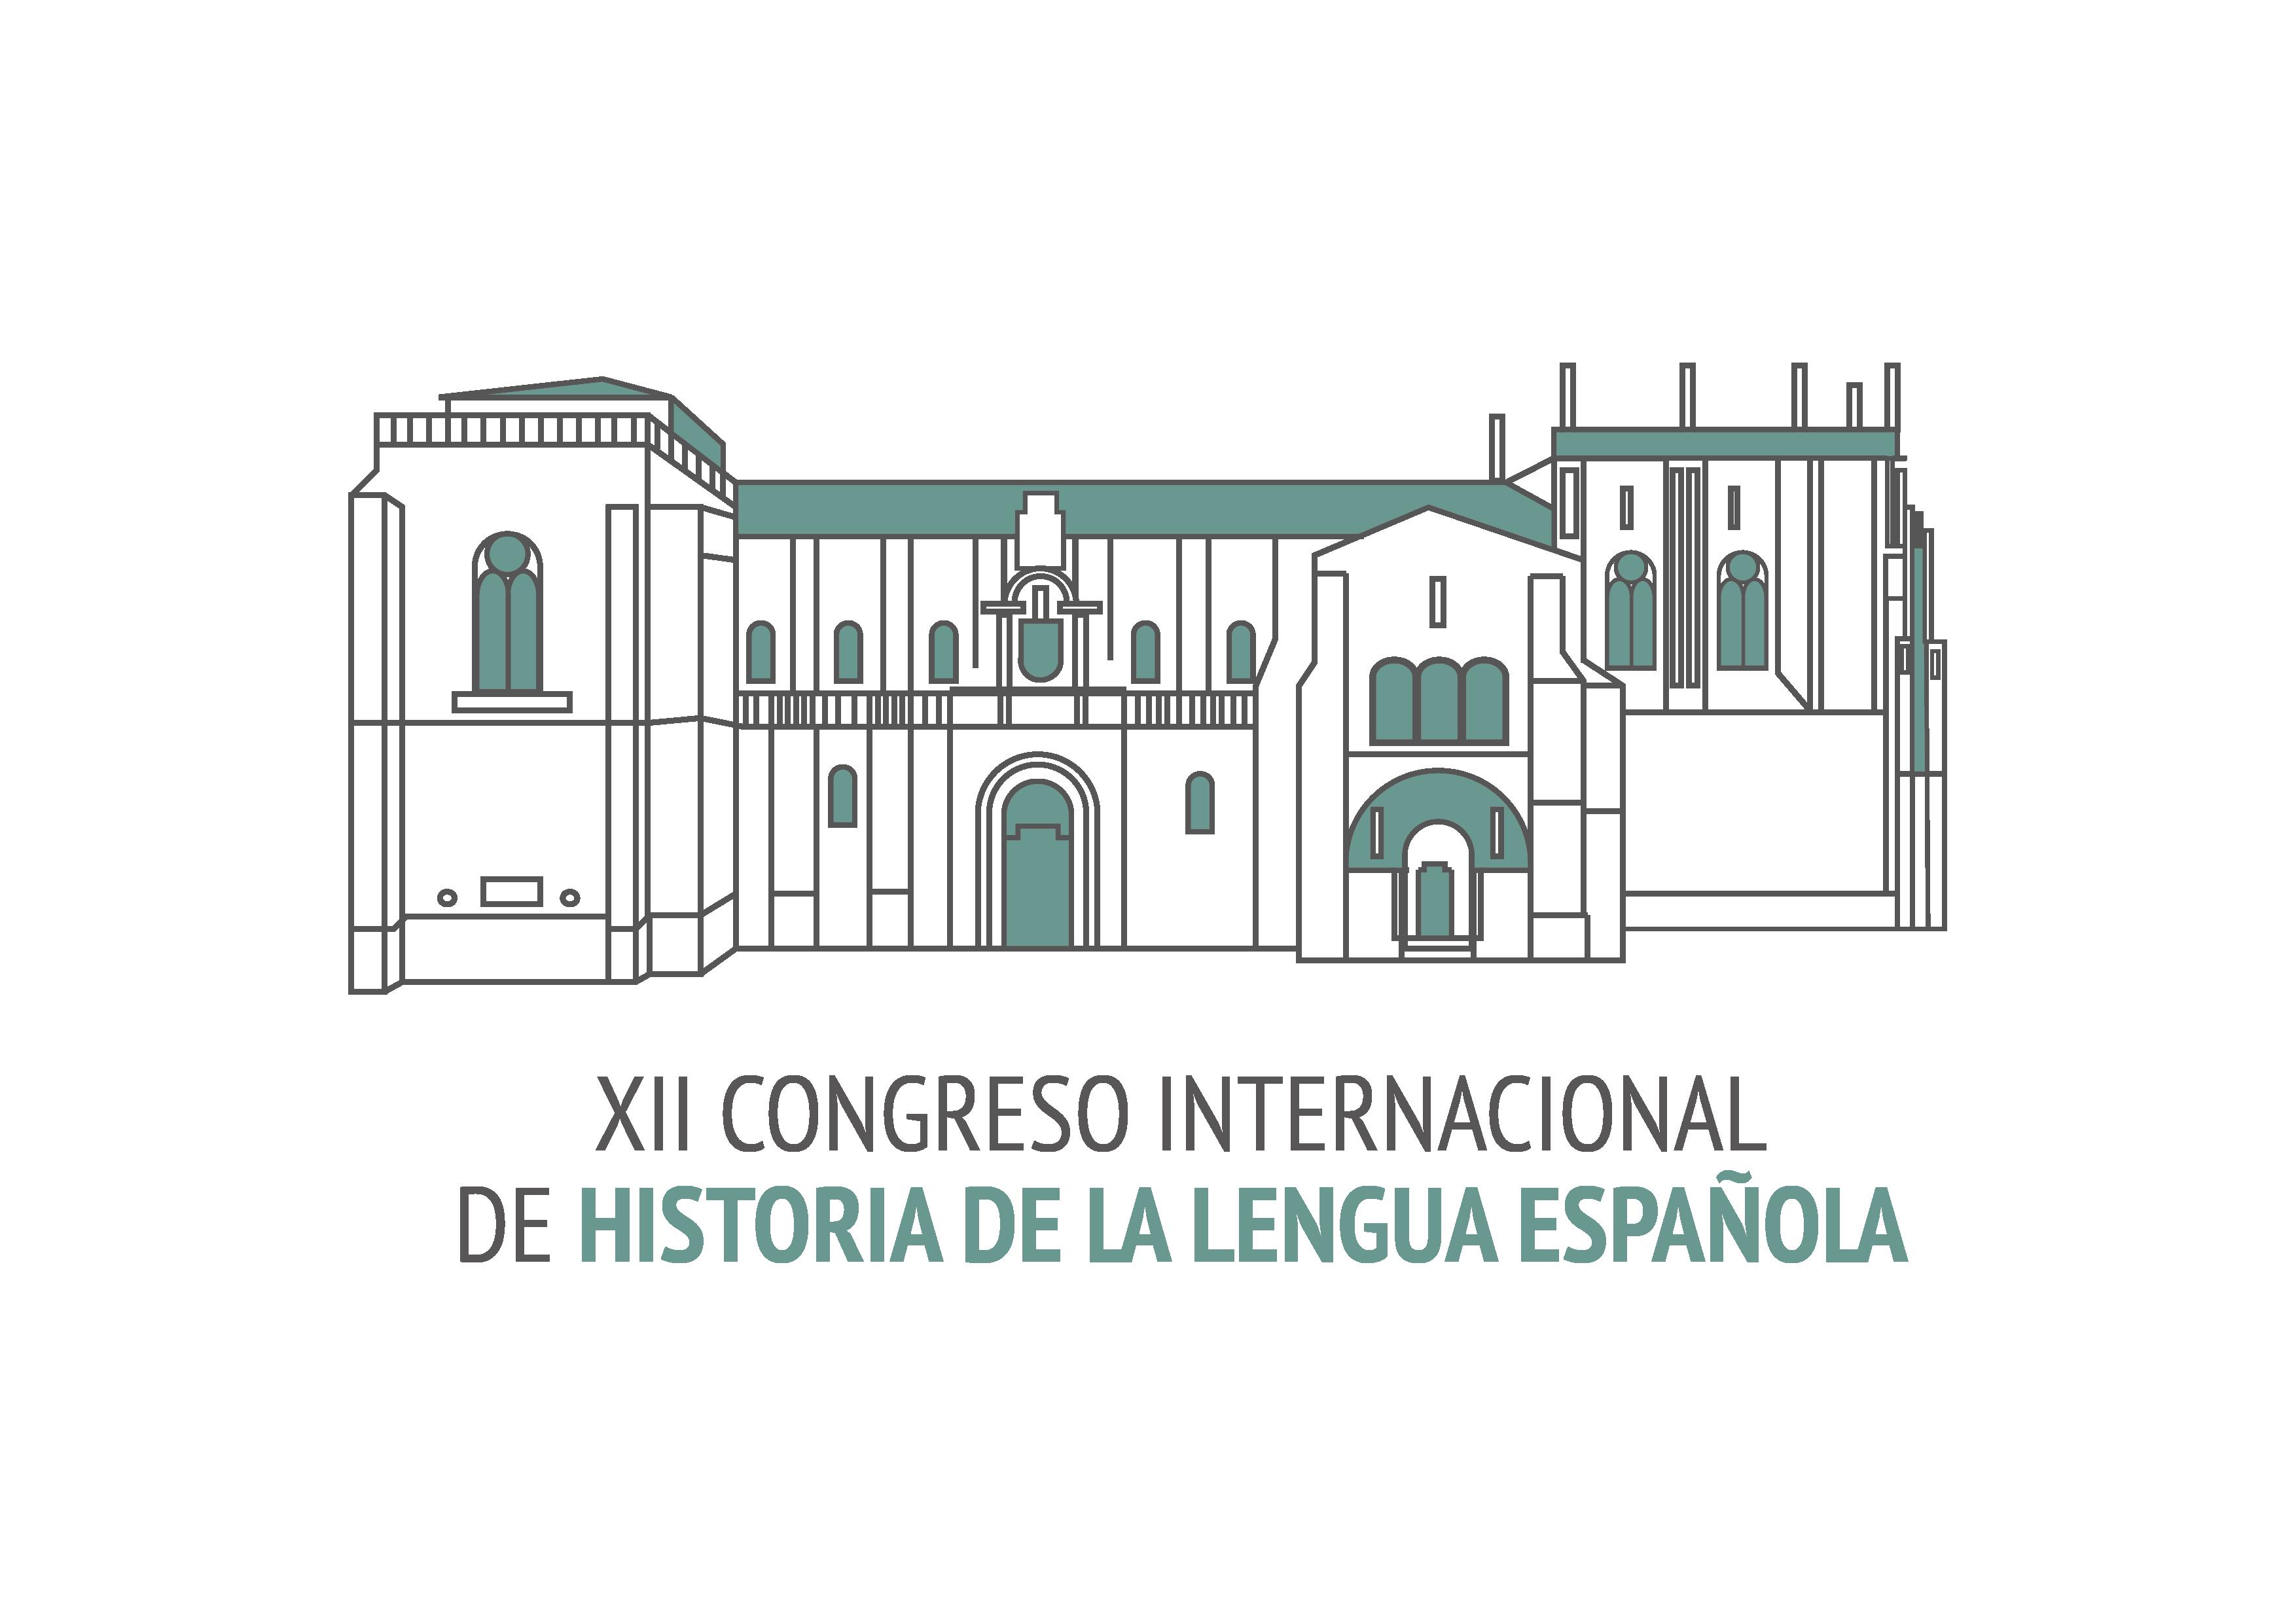 XII Congreso Internacional de Historia de la Lengua Española